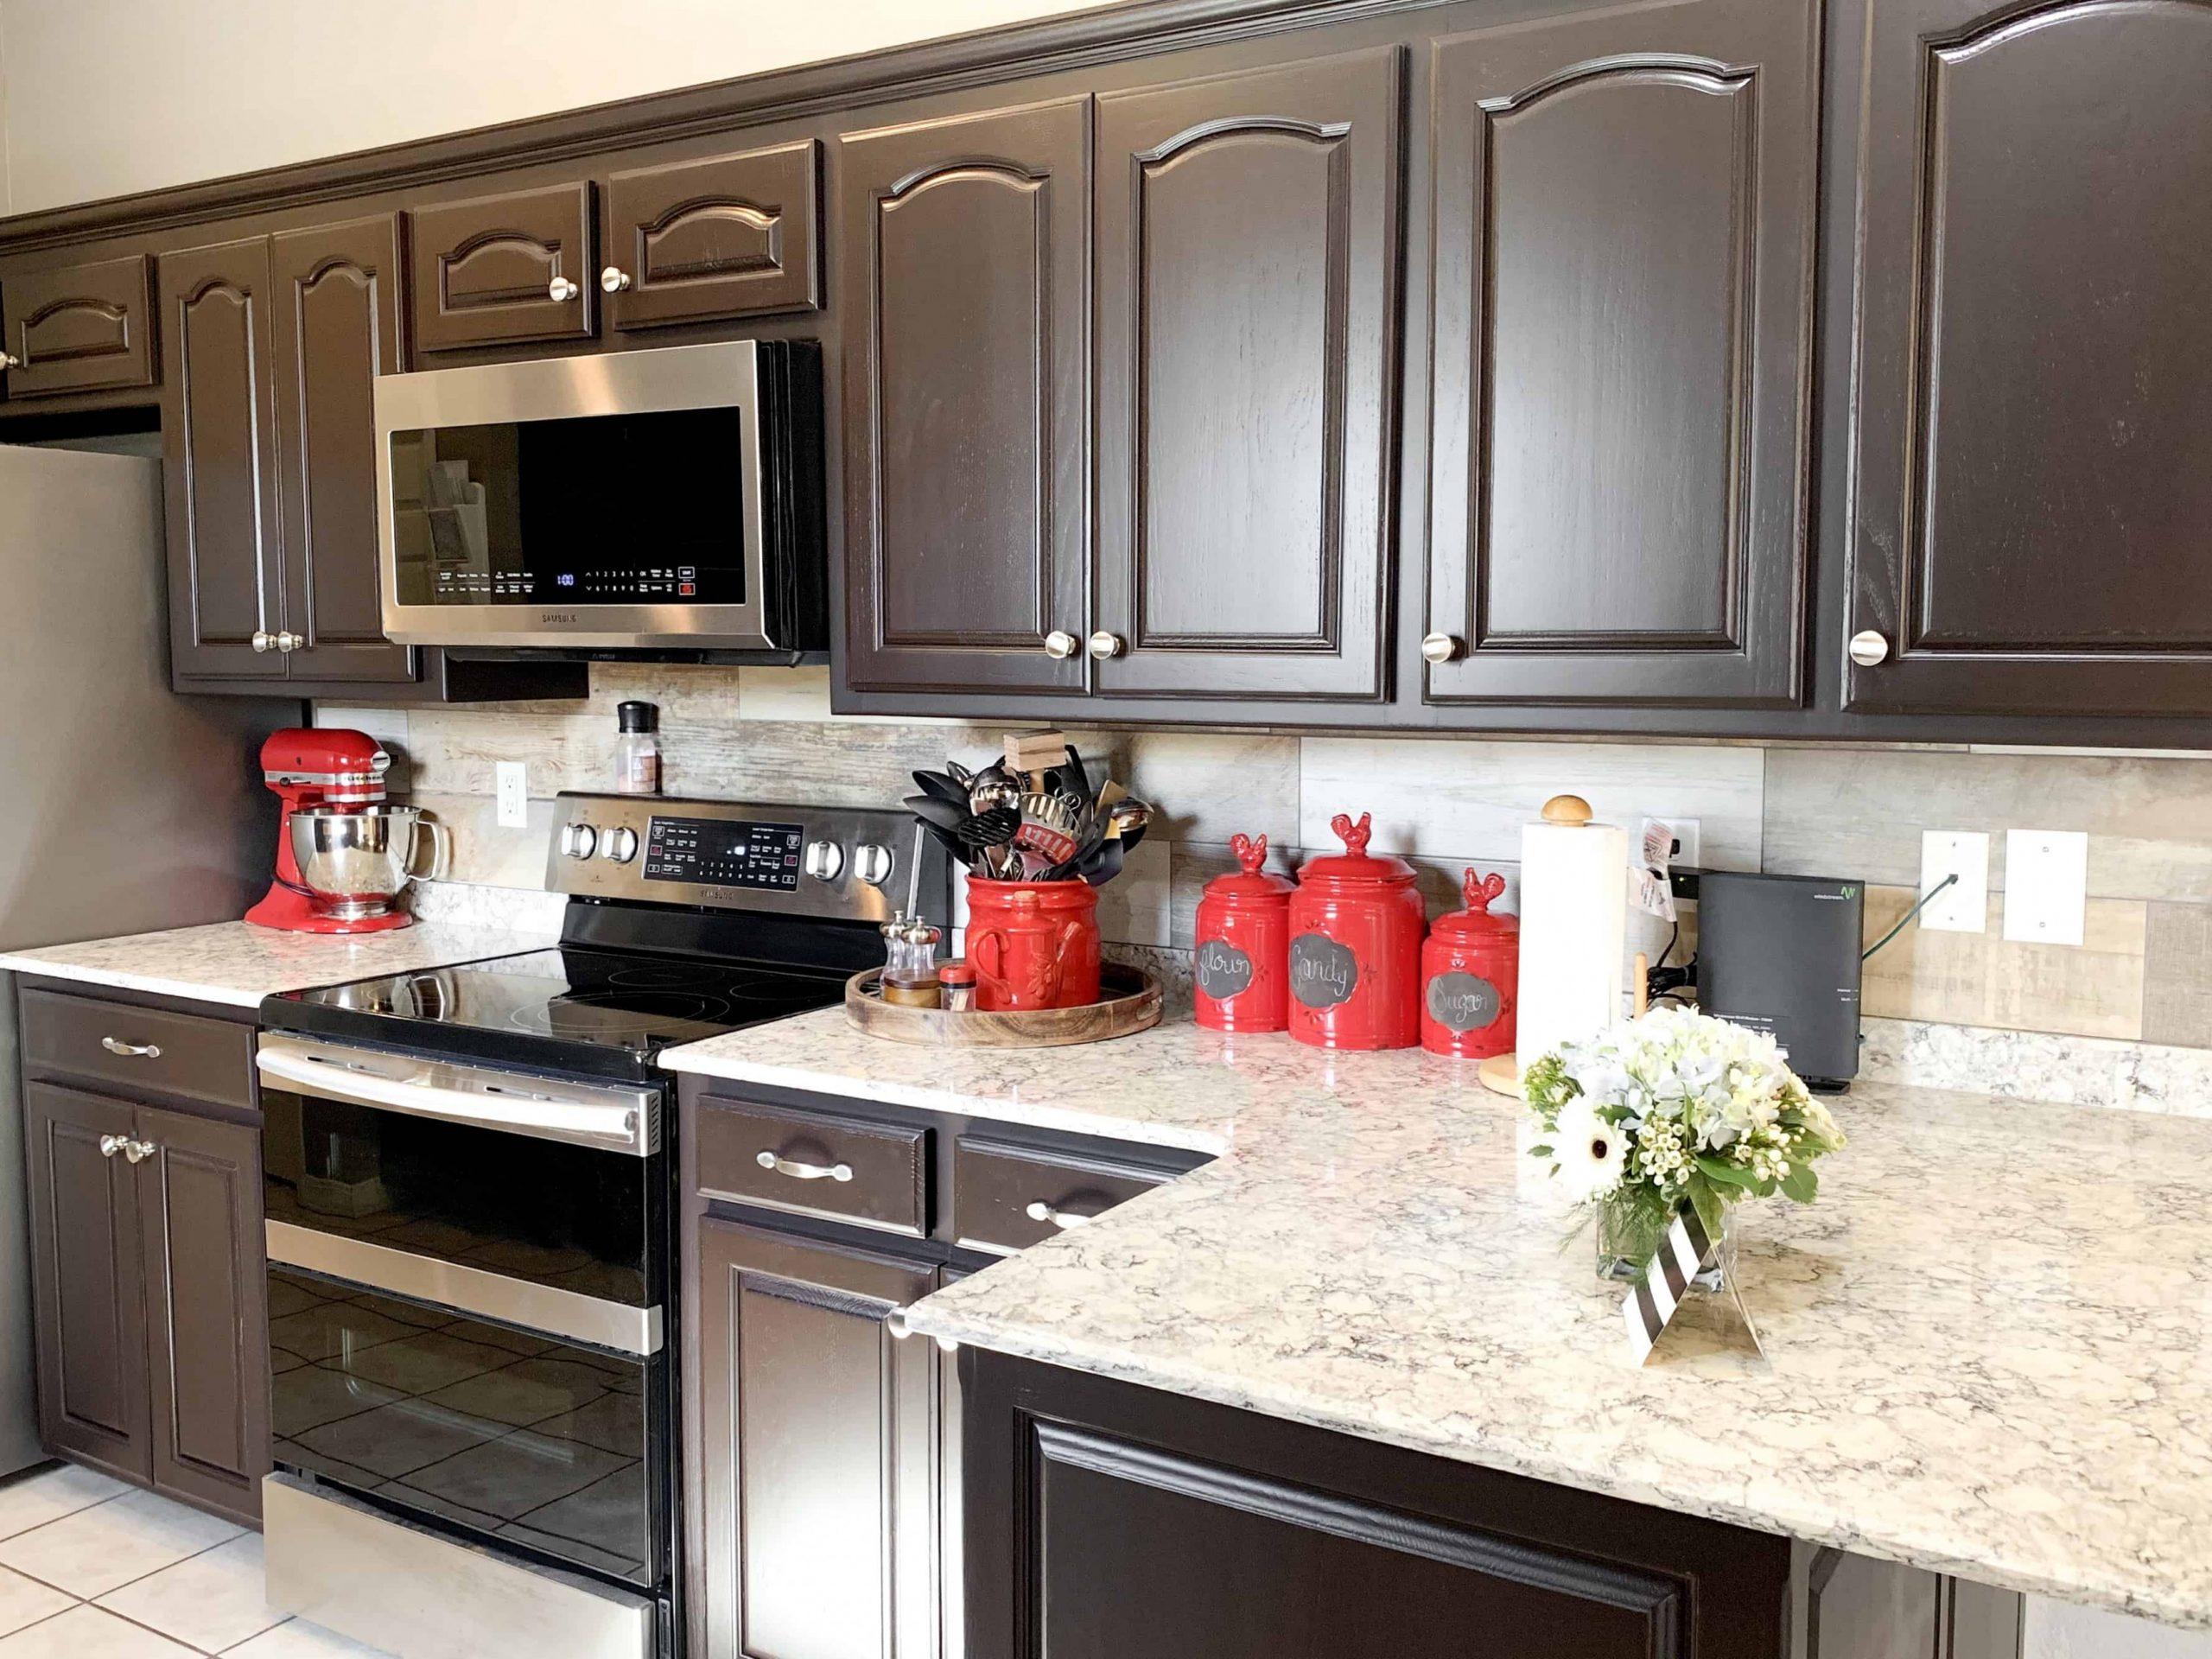 dark brown cabinets, espresso cabinets, espresso painted kitchen  - Brown Colored Kitchen Cabinets